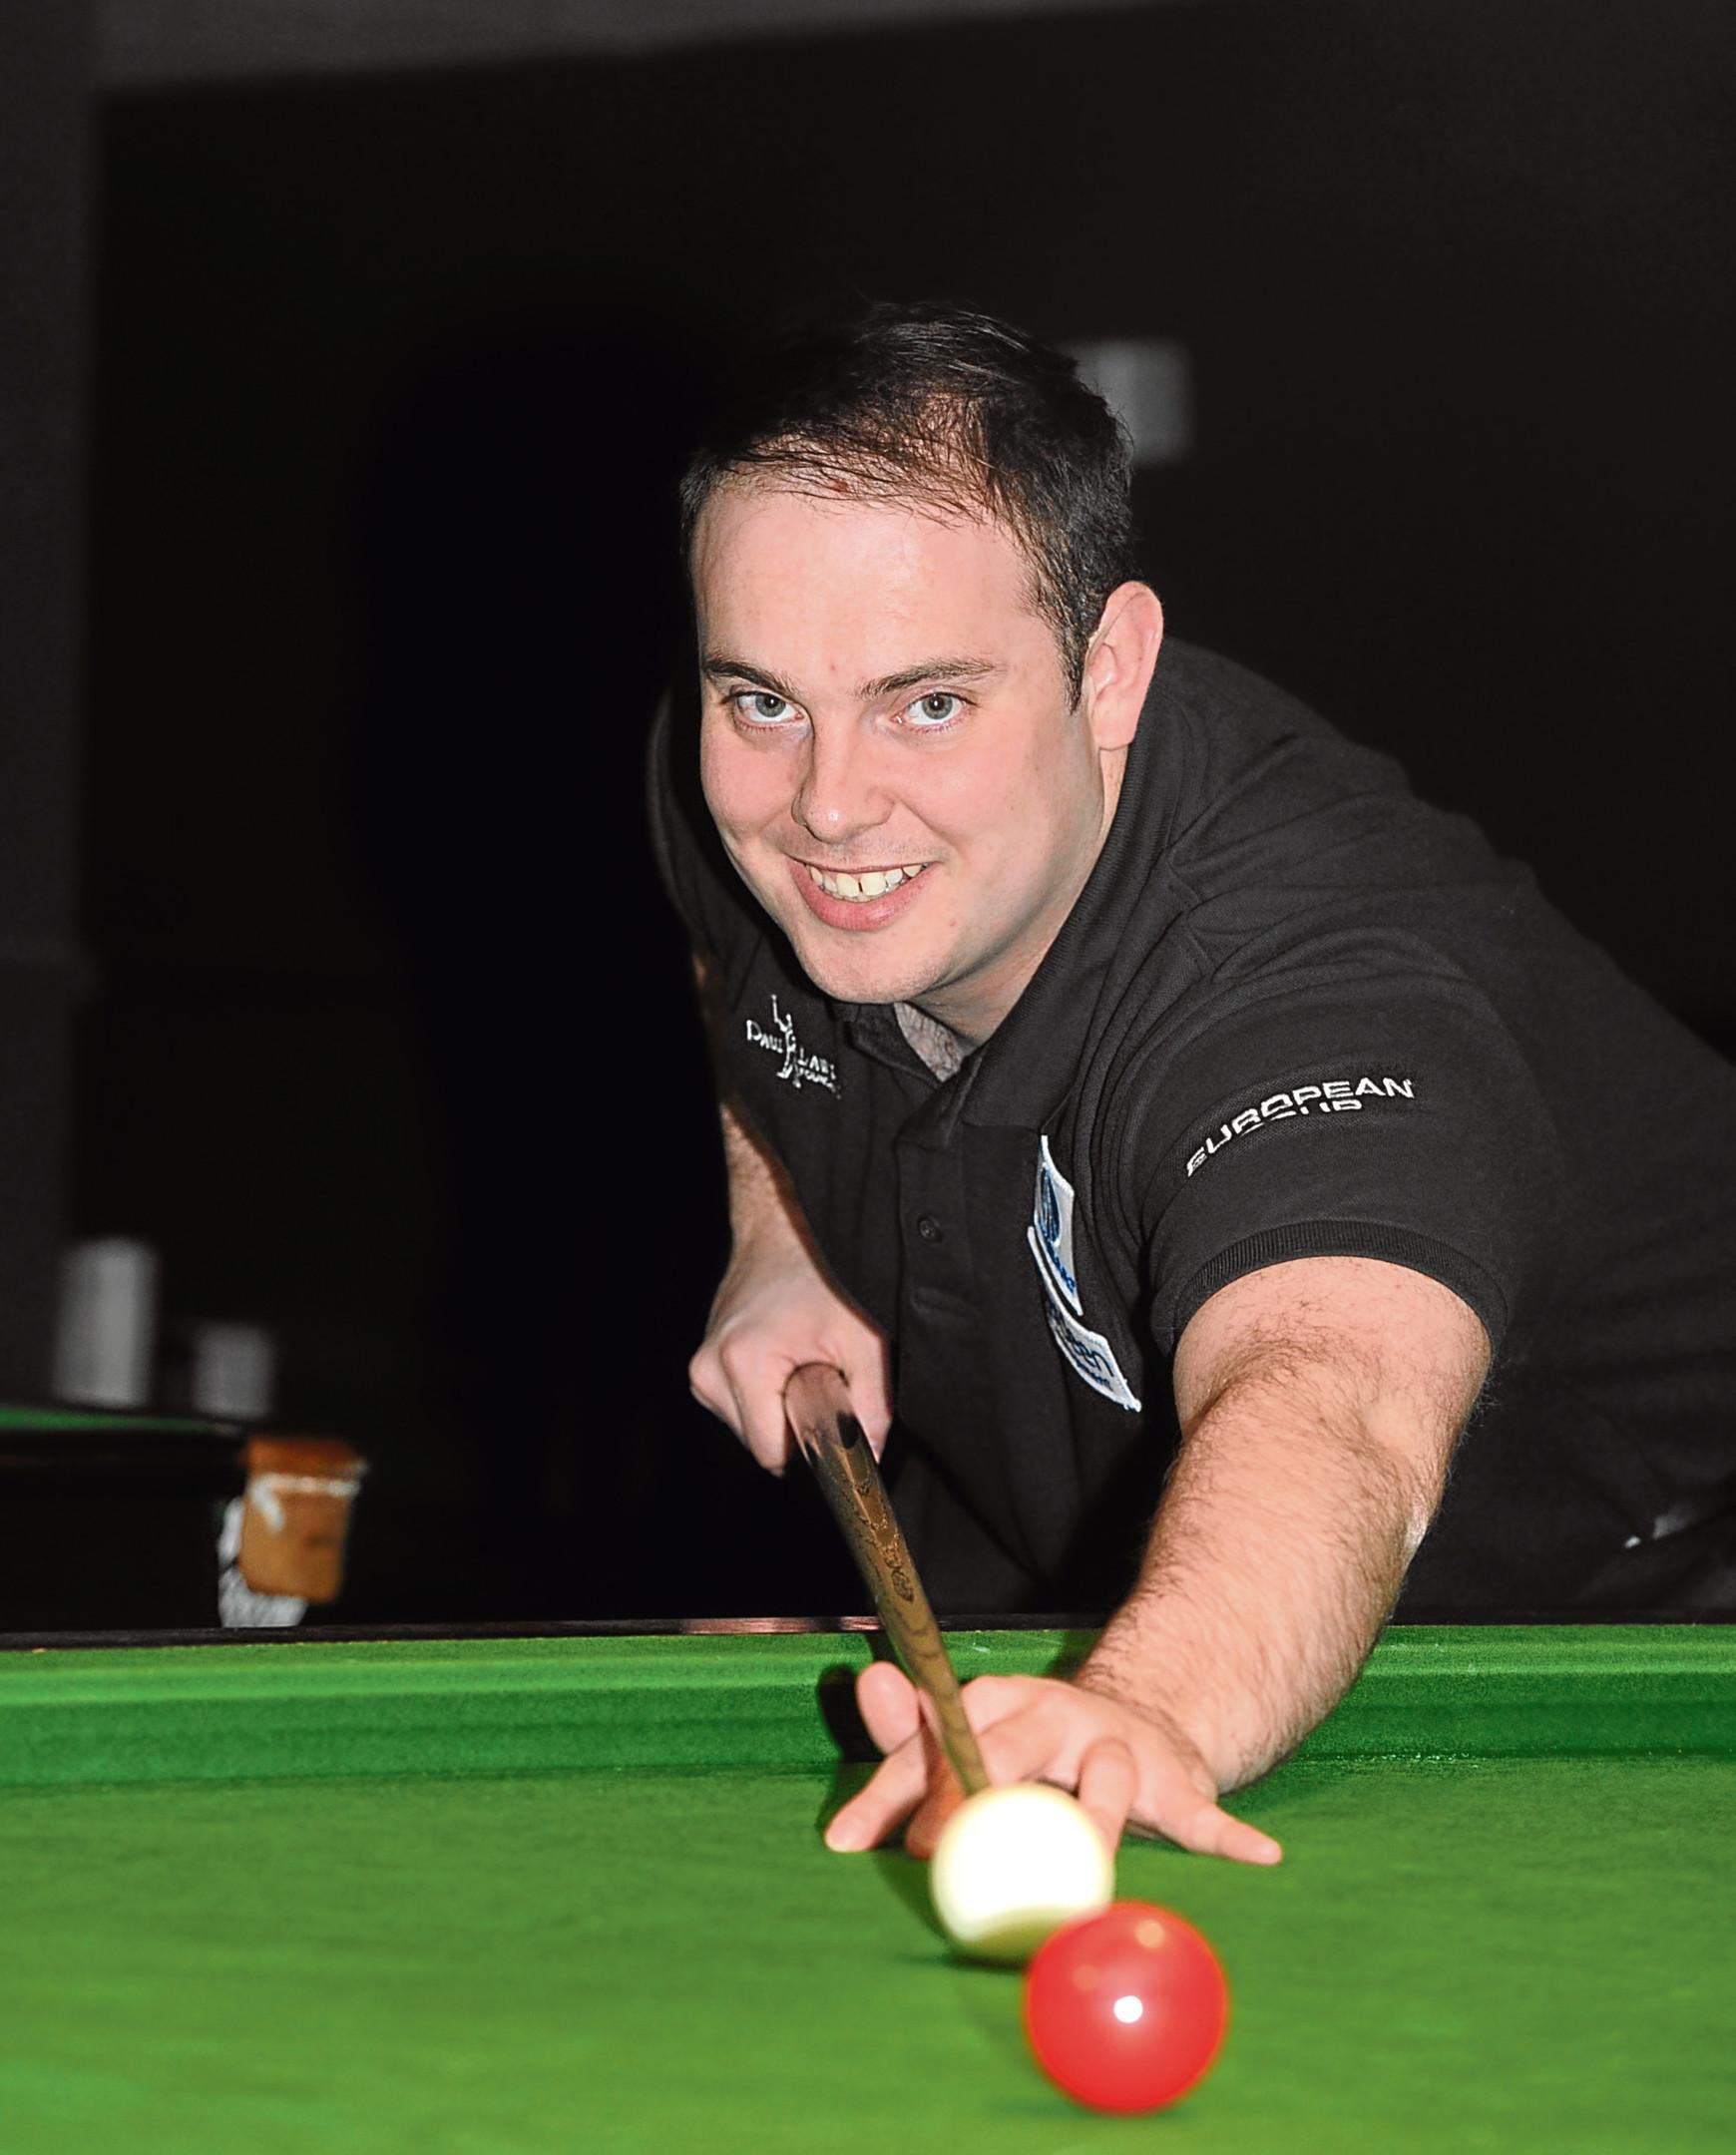 Aberdeen snooker player Marc Davis.